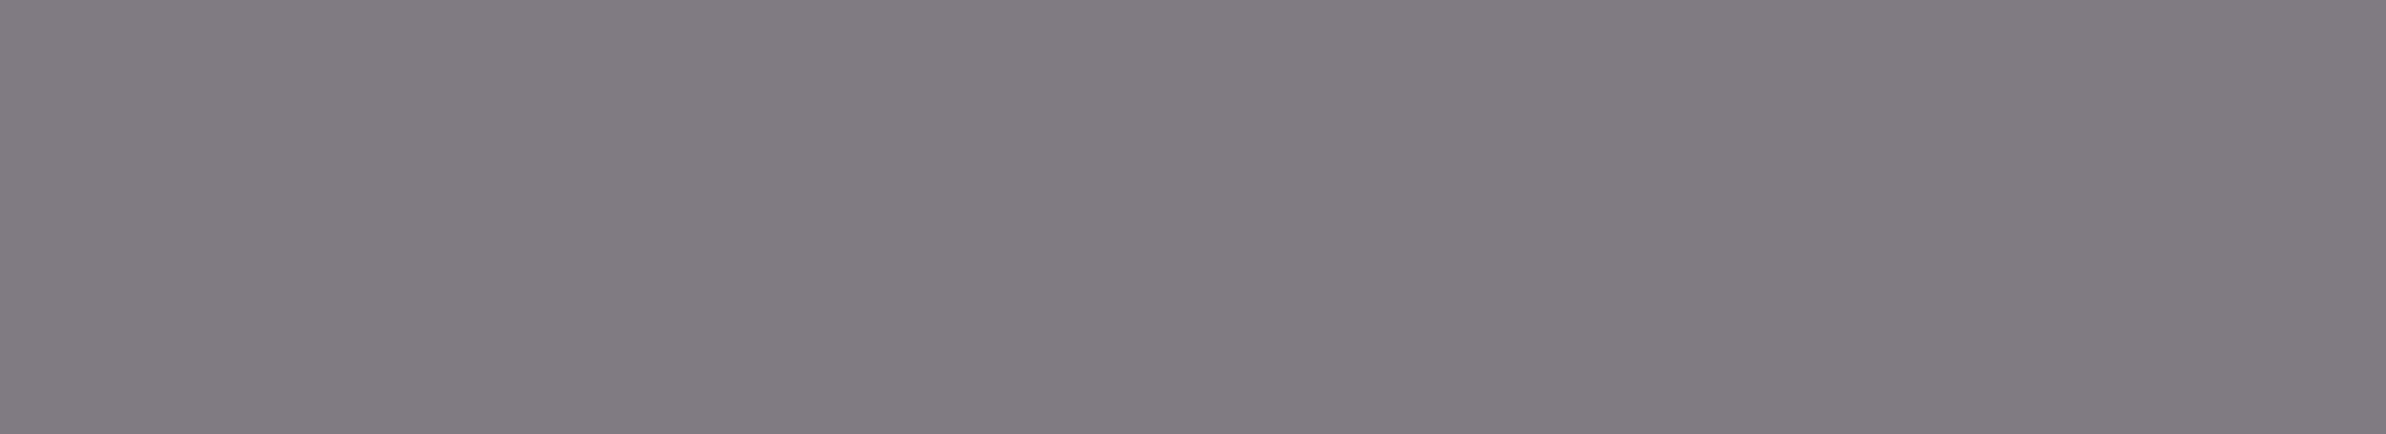 #2032 @ 1% - Grey